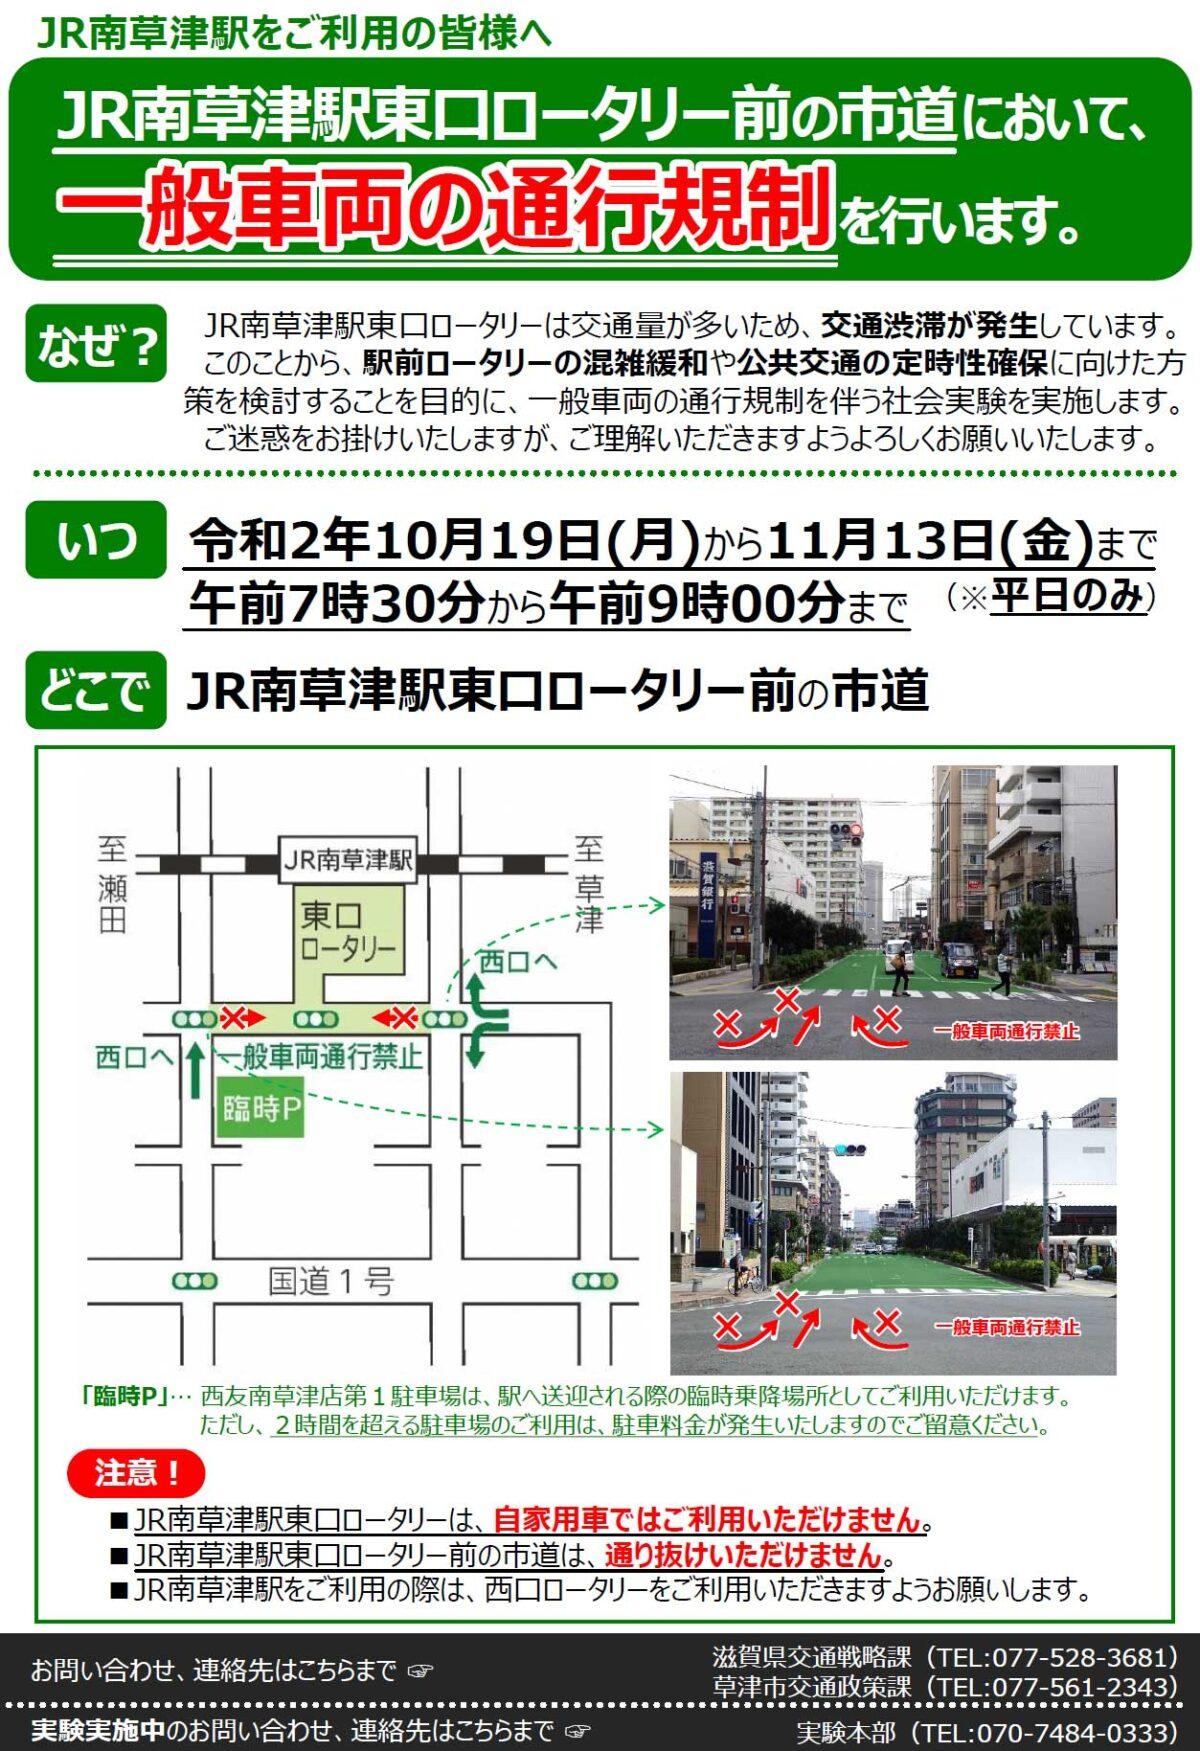 【送迎バス】10/19~11/13 8時台の南草津駅東口の利用停止について